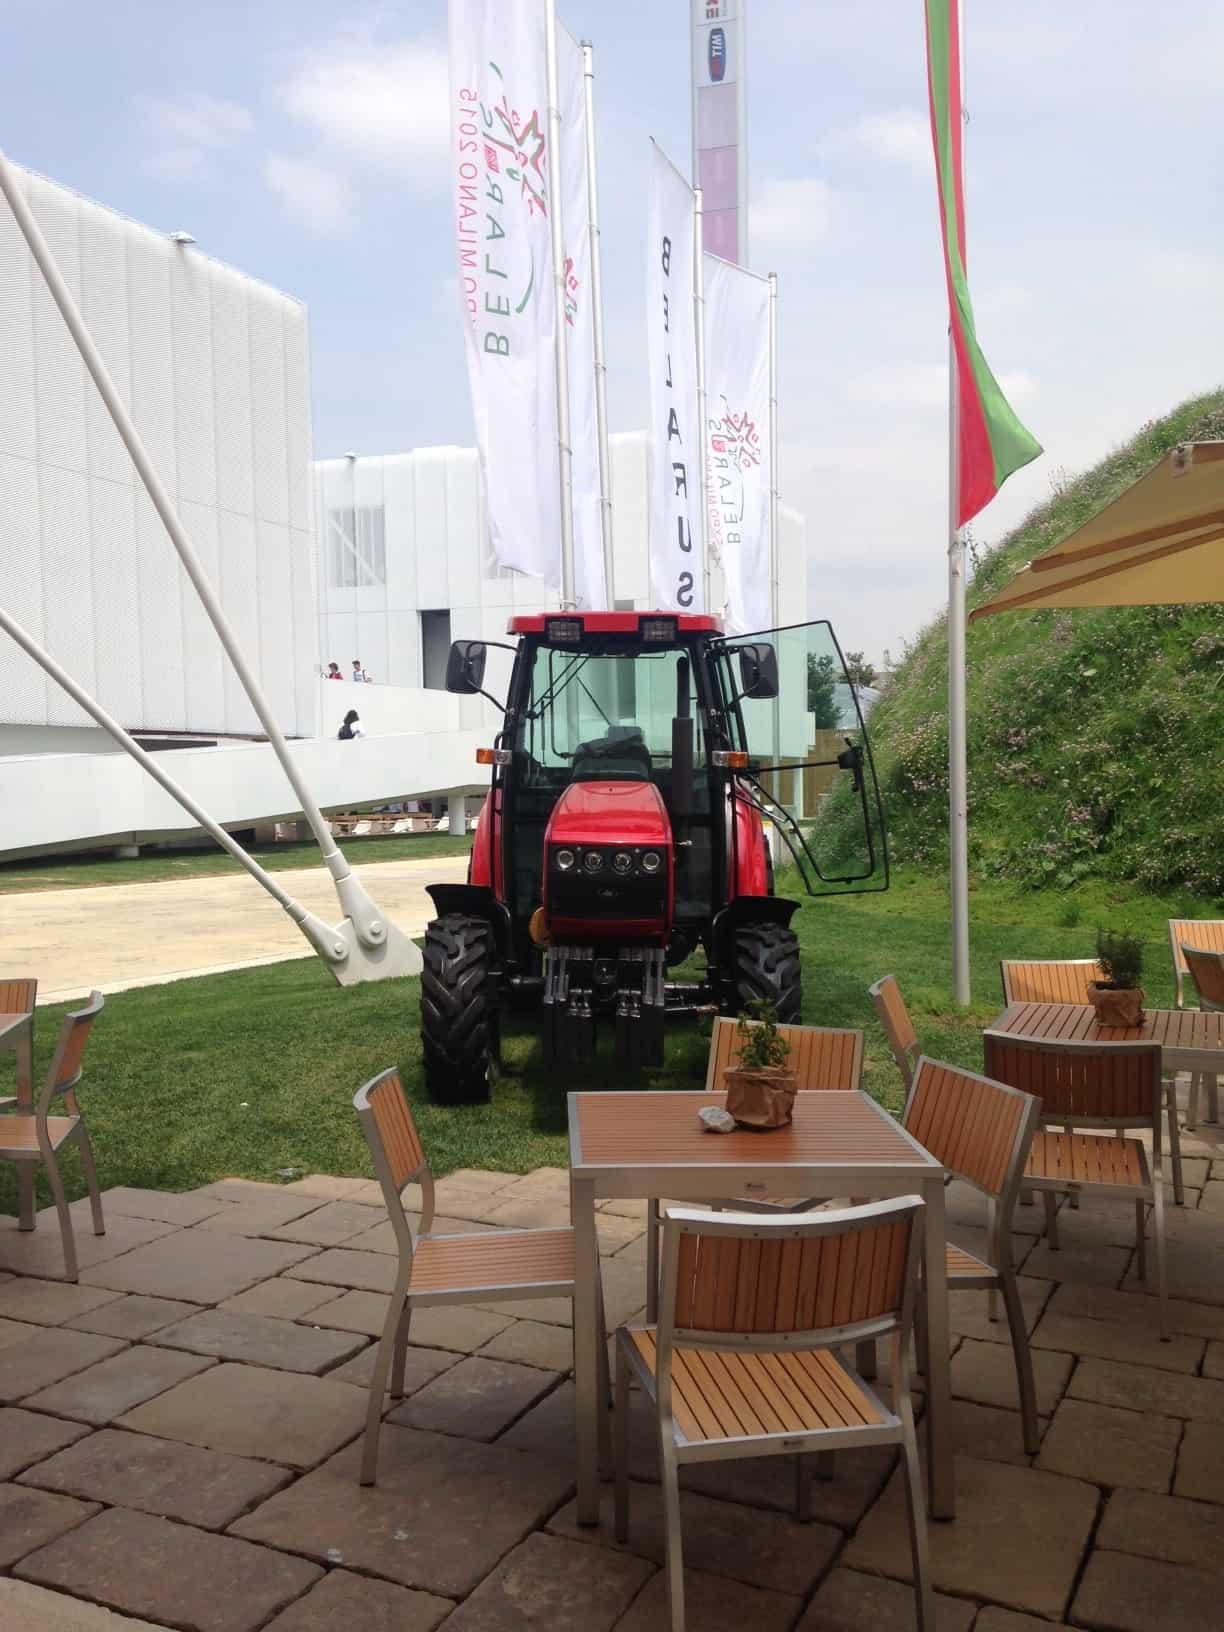 Tractor Belarus Milan expo 2015